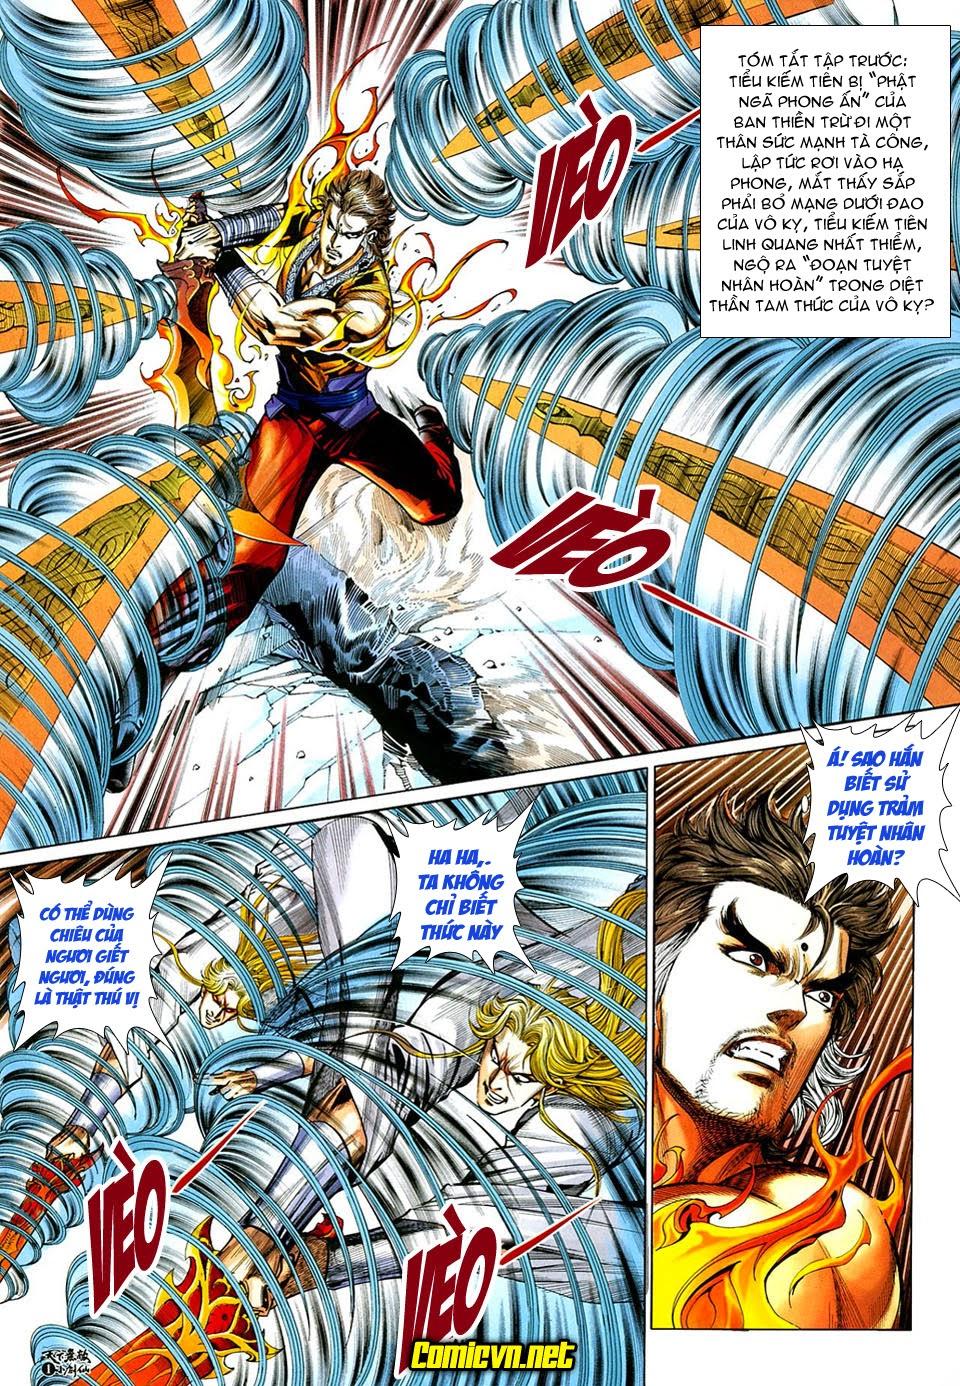 Thiên Hạ Vô Địch Tiểu Kiếm Tiên chap 32 - Trang 2